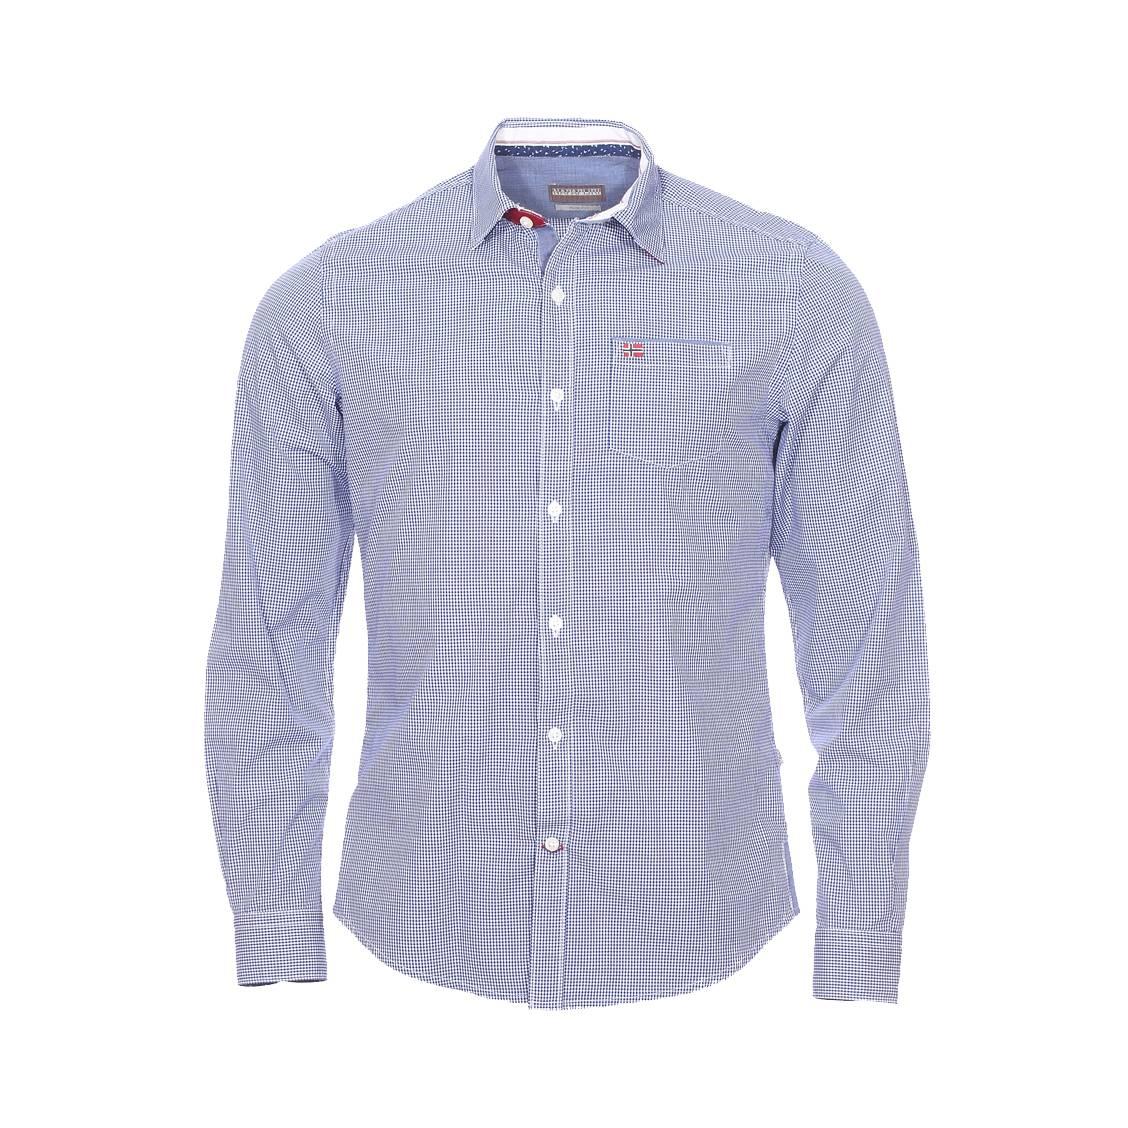 Chemise cintrée Napapijri en coton à carreaux vichy blancs et bleu marine  ...